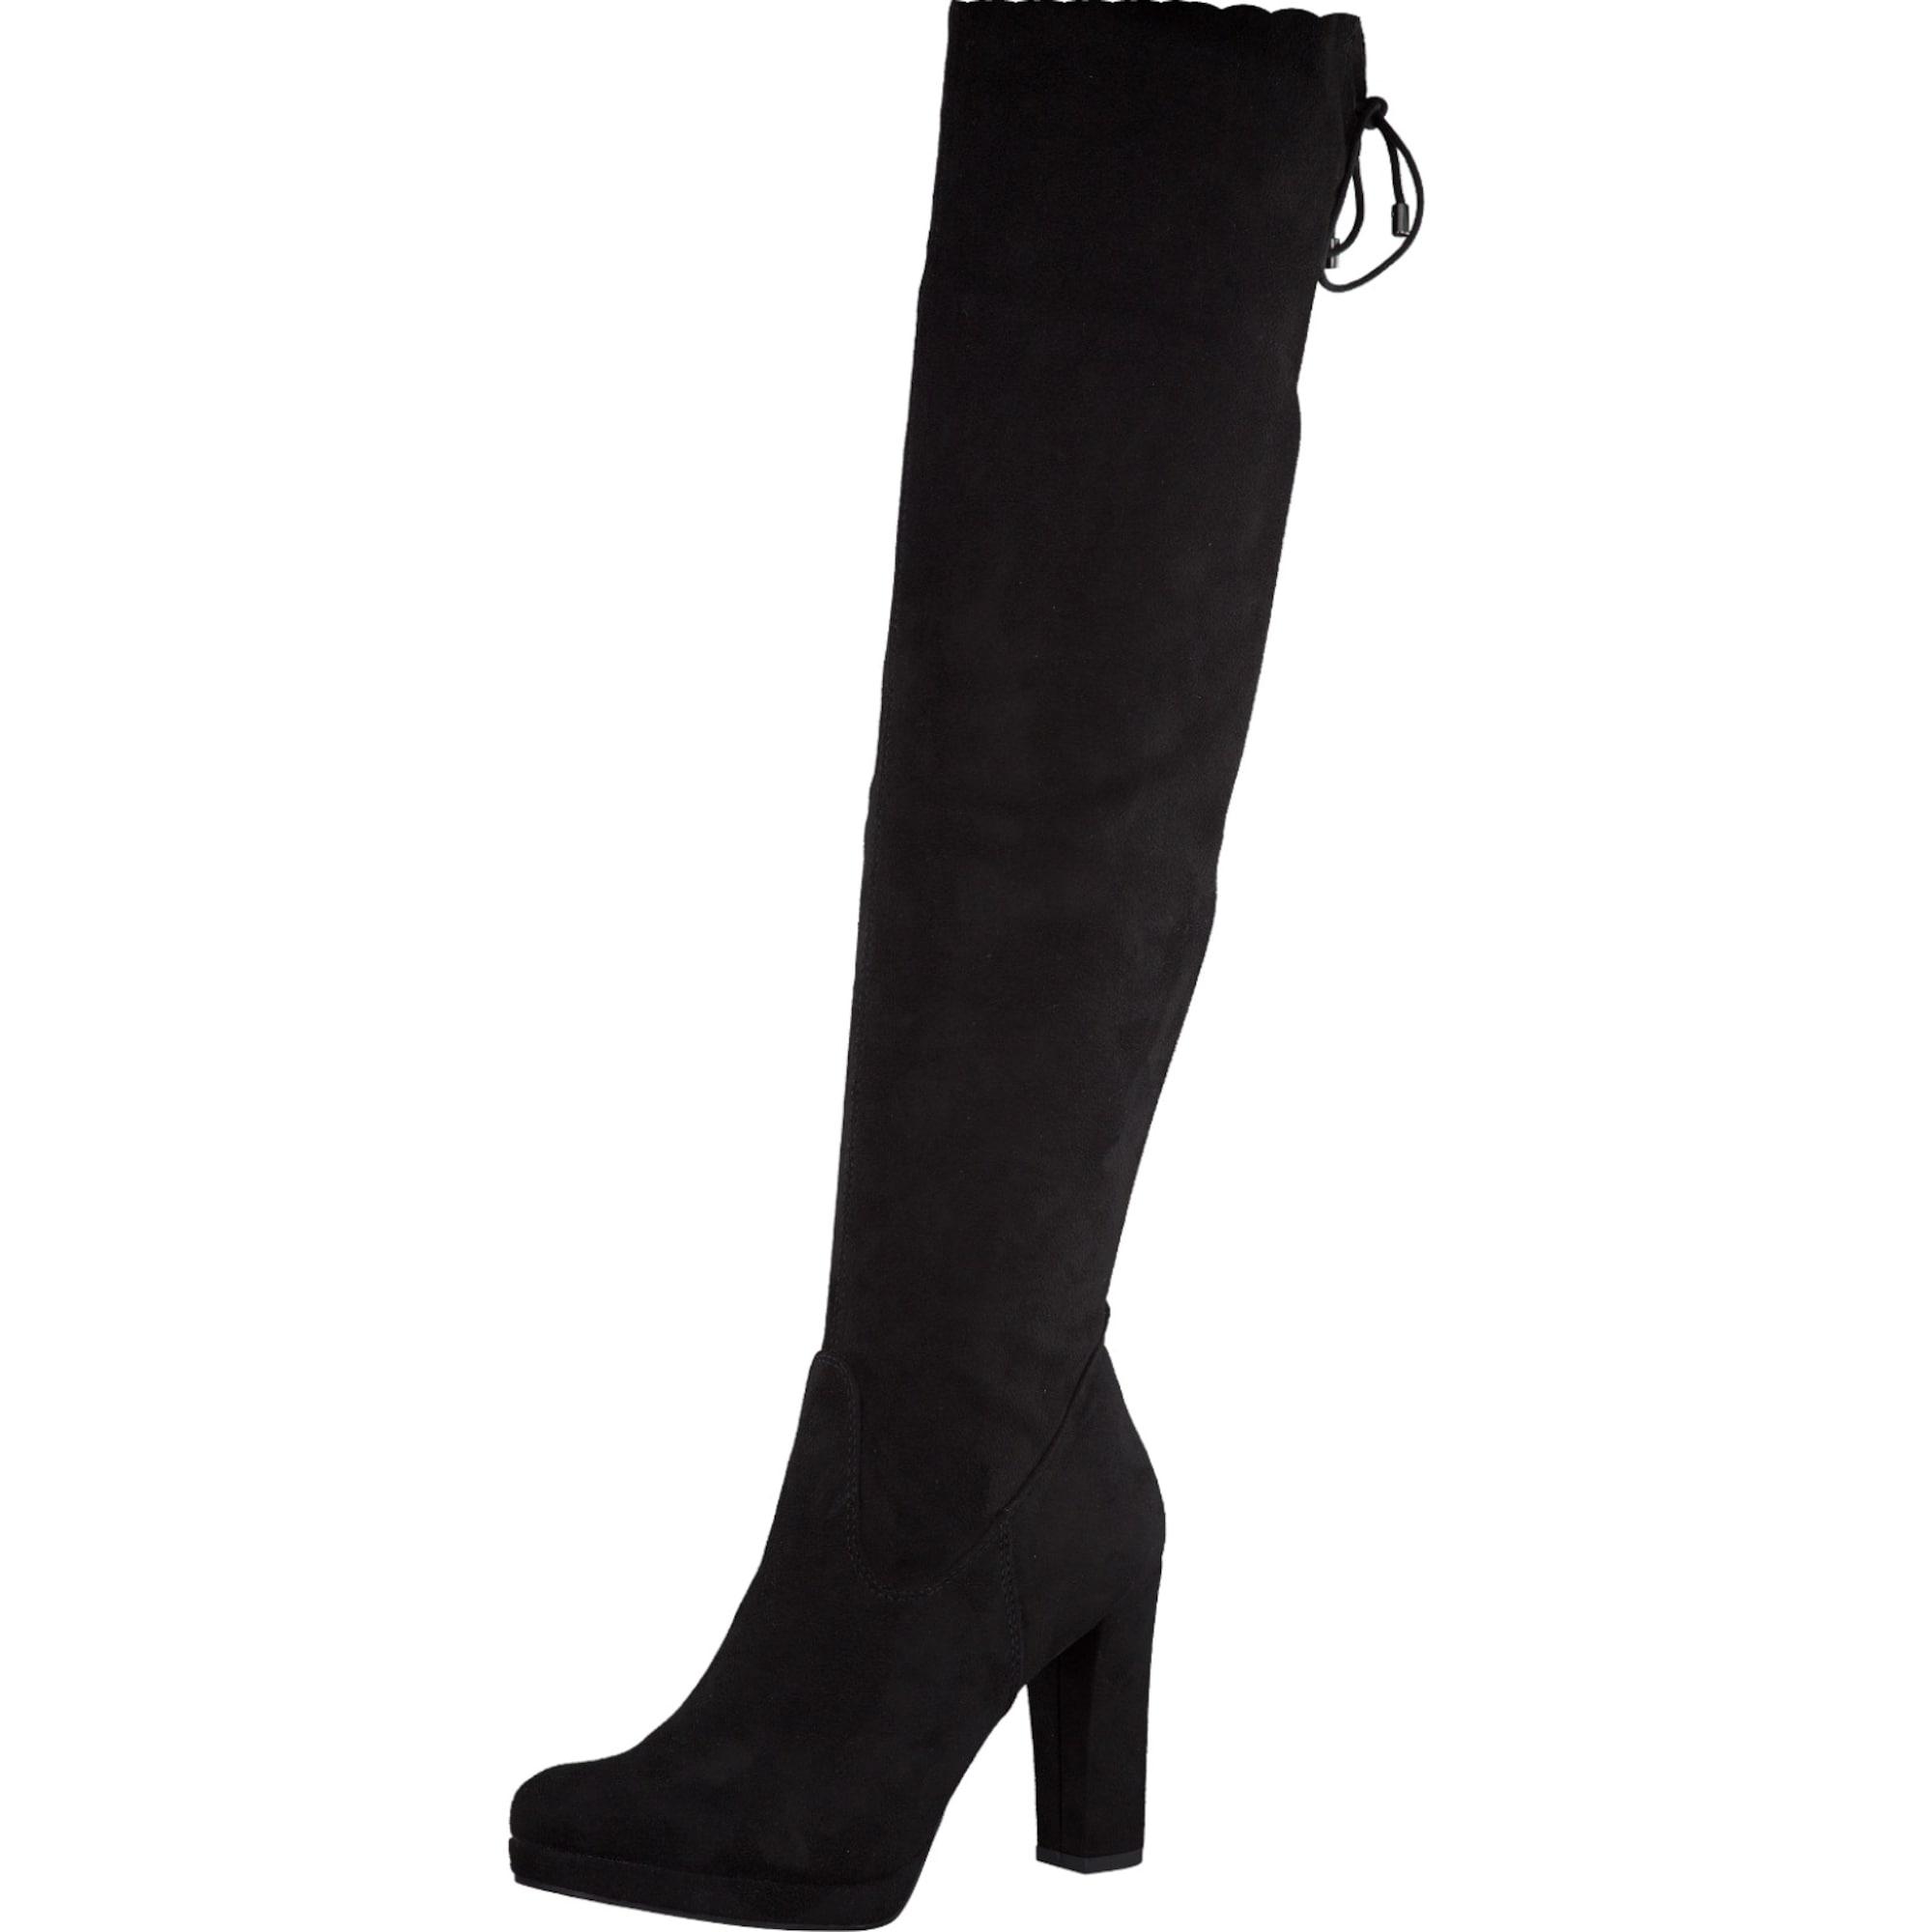 Damen TAMARIS Overknee Stiefel schwarz | 04055157804977